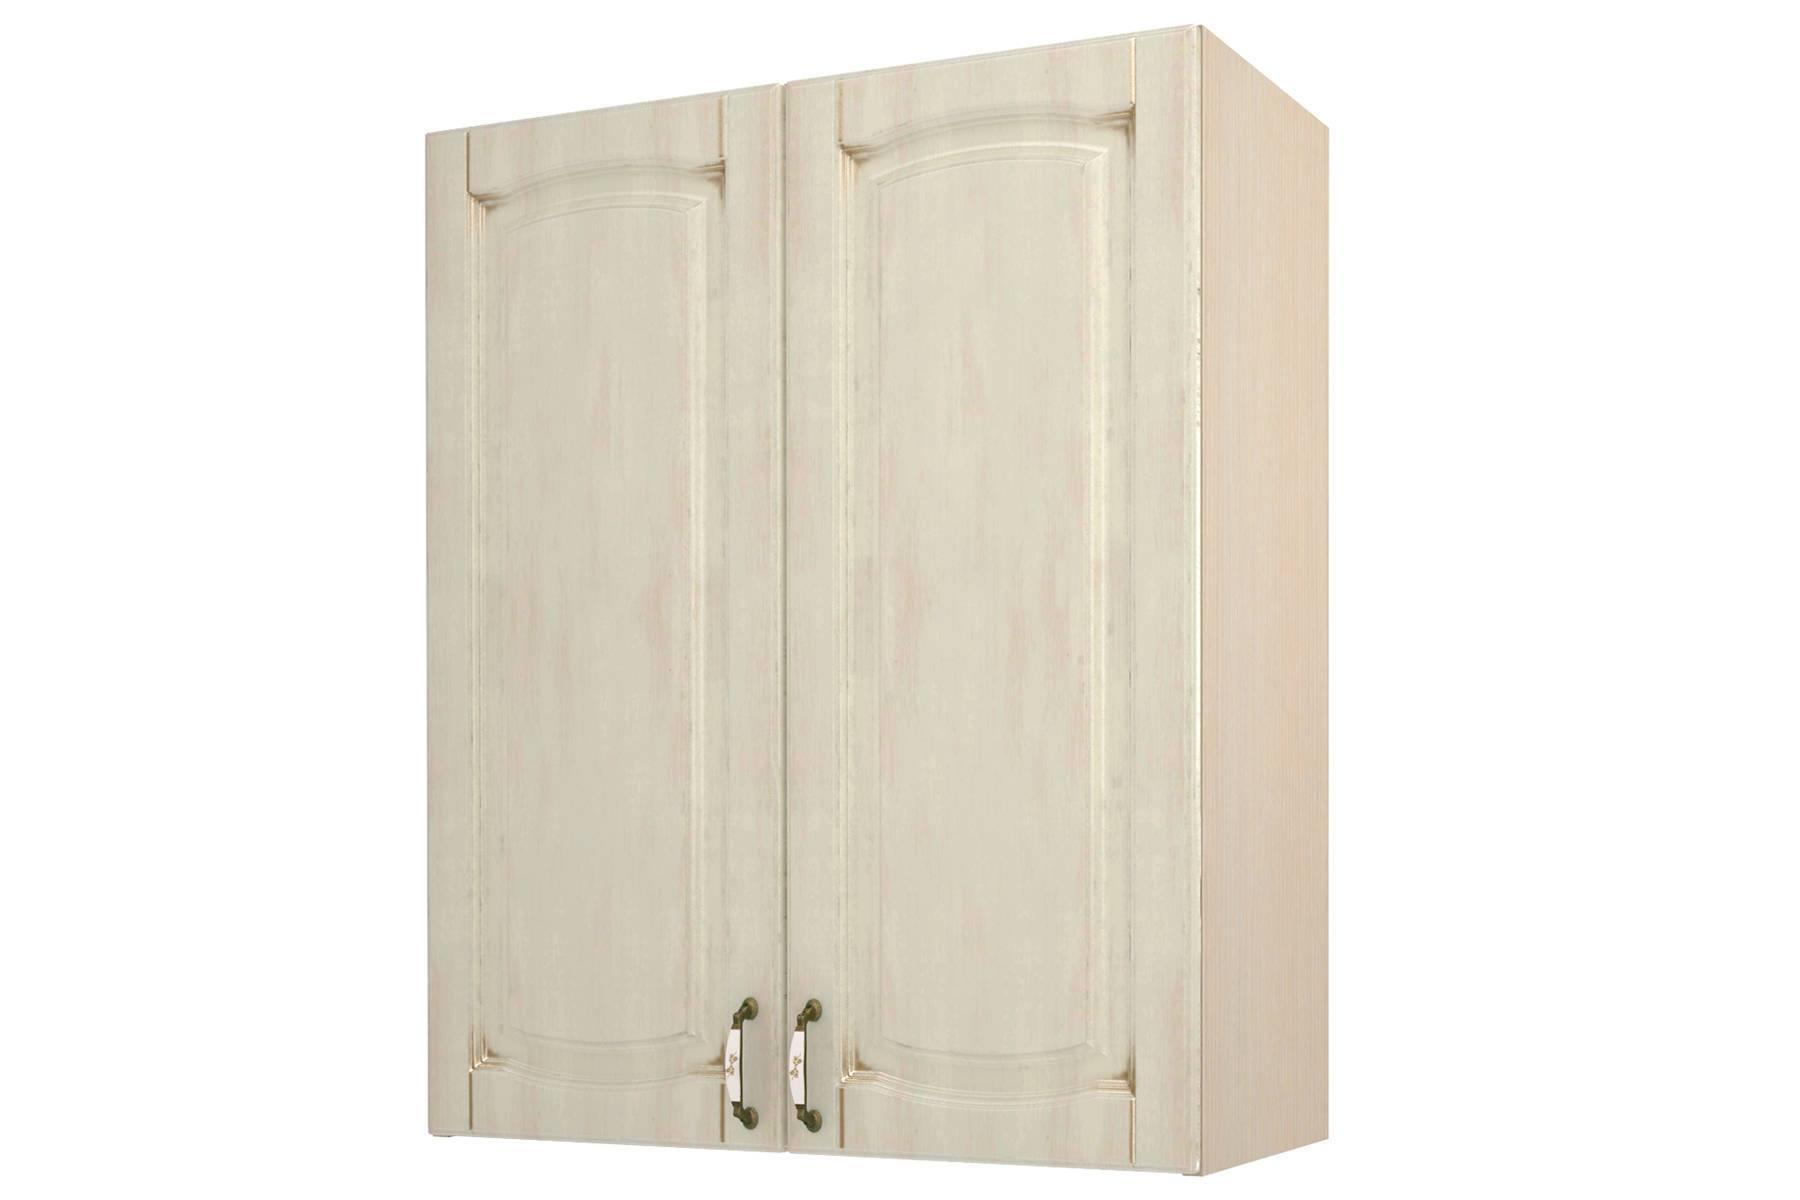 Равенна шкаф-сушка 80, Н-96 равенна шкаф сушка 80 н 96